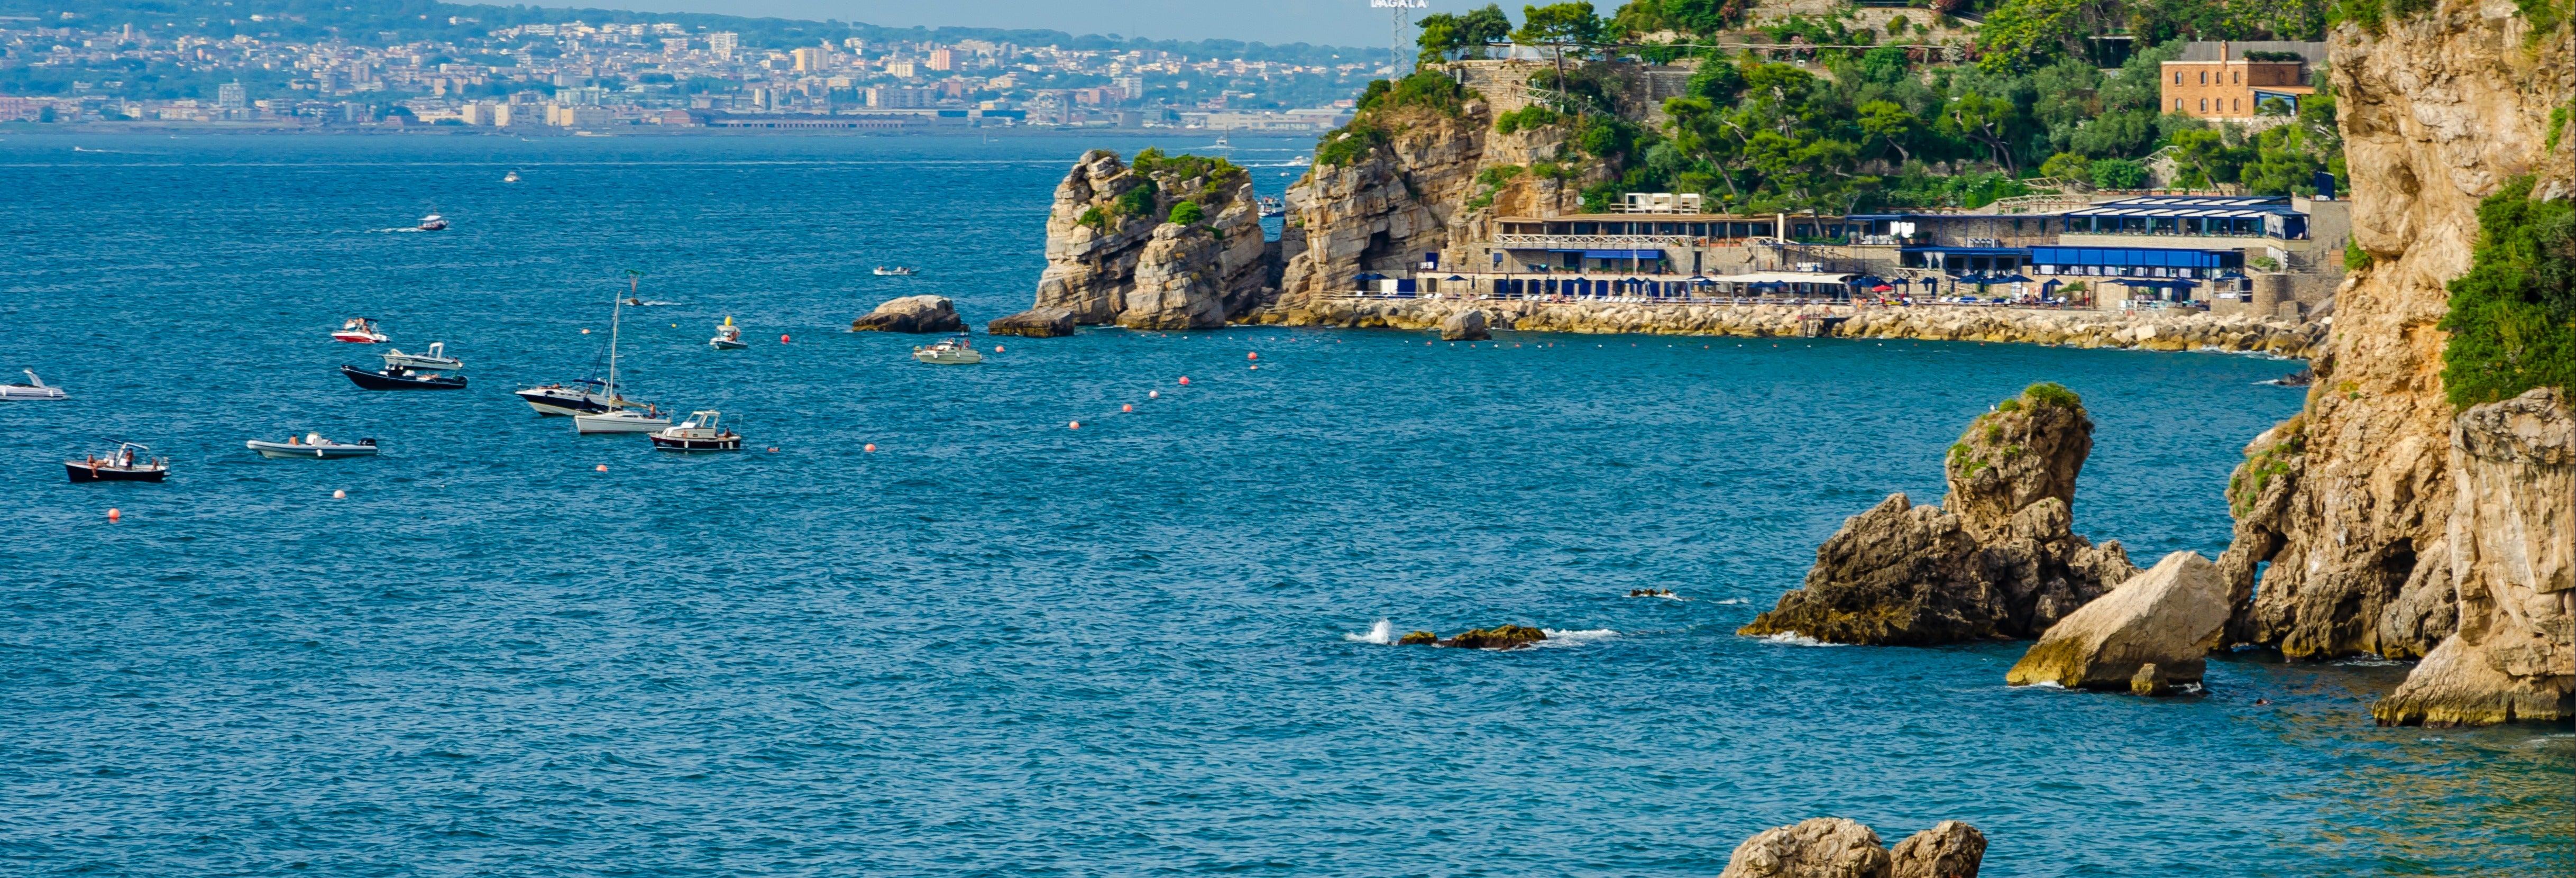 Passeio de barco pela península de Sorrento